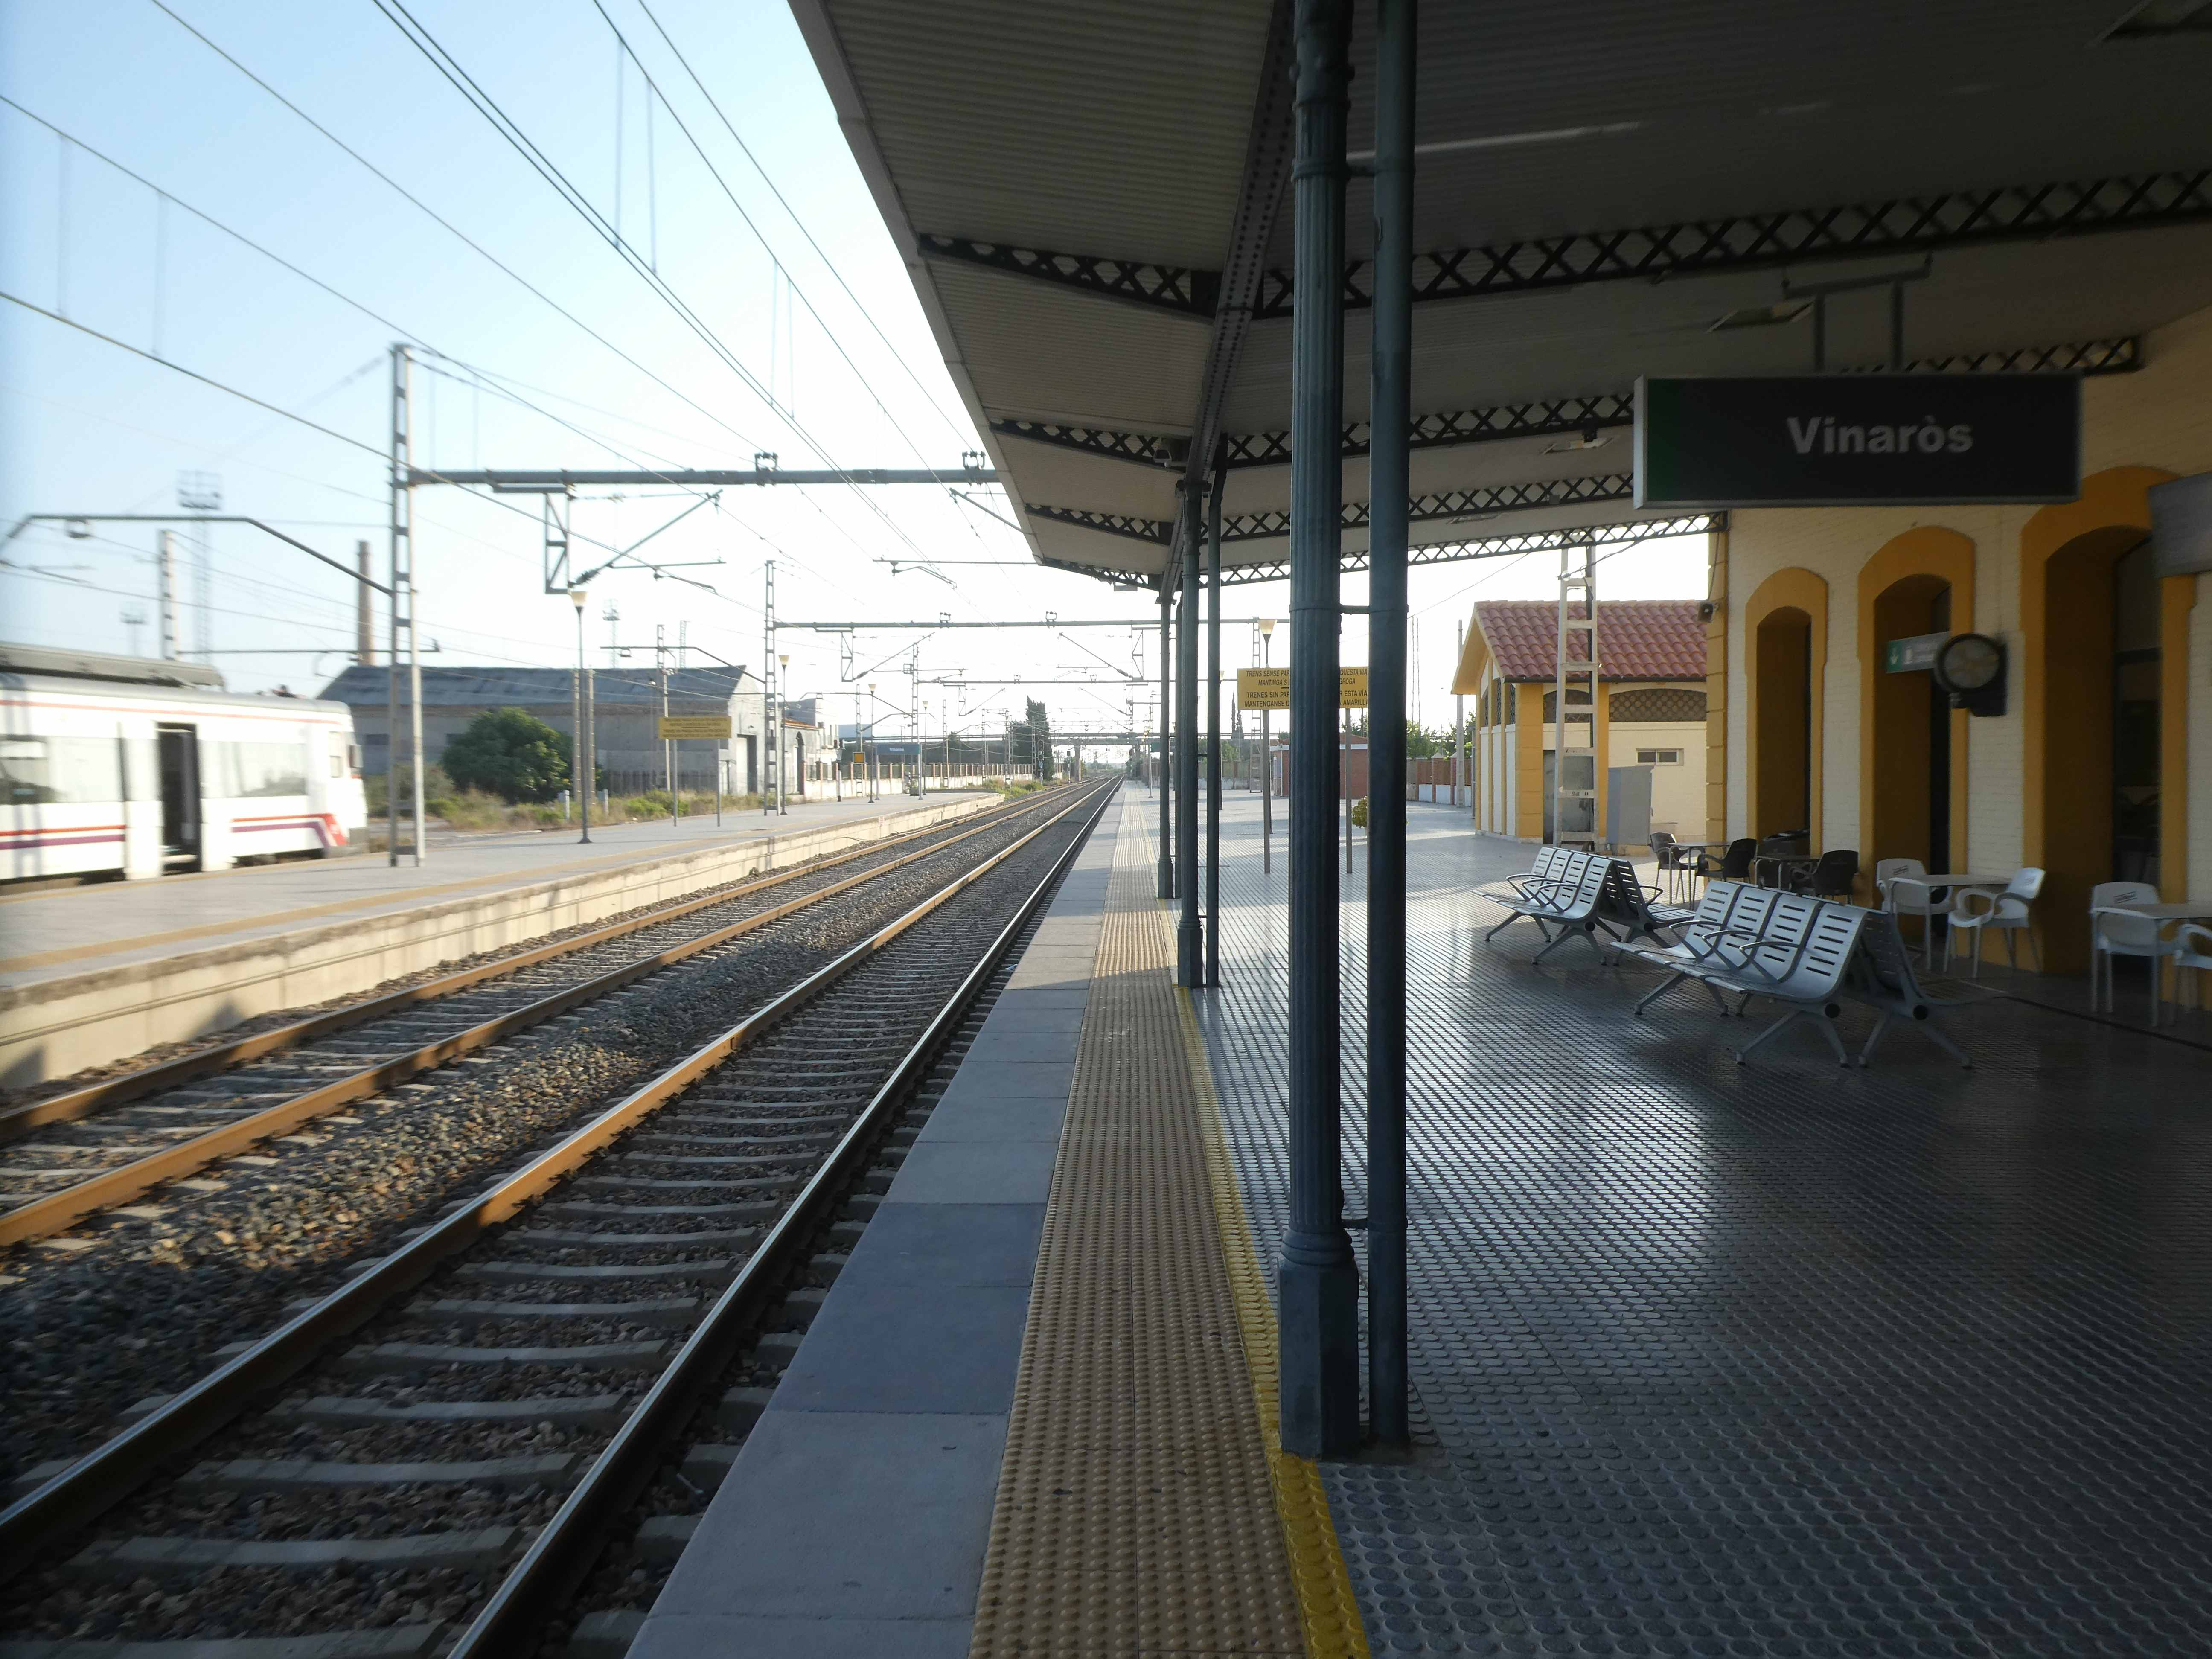 Estación de tren de Vinaròs